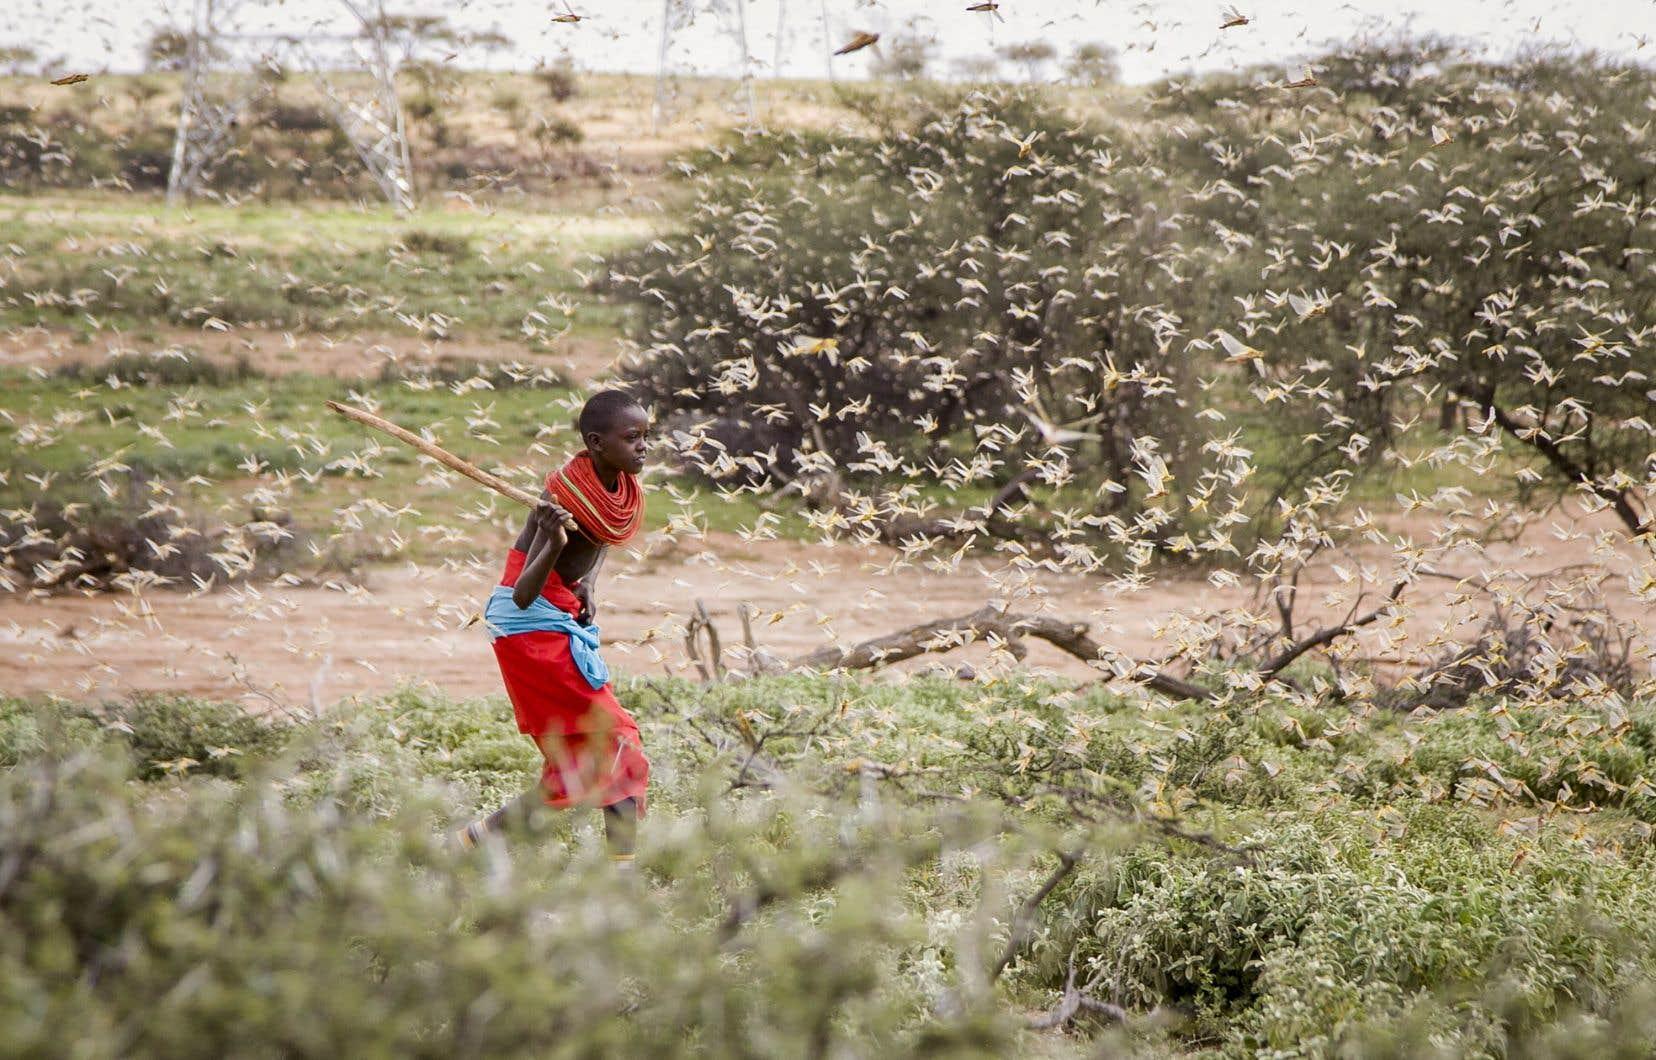 <p>La FAO recherche d'urgence 70millions de dollars afin de renforcer la lutte antiparasitaire et de «protéger les moyens d'existence dans les trois pays les plus touchés», dont le Kenya (sur la photo).</p>